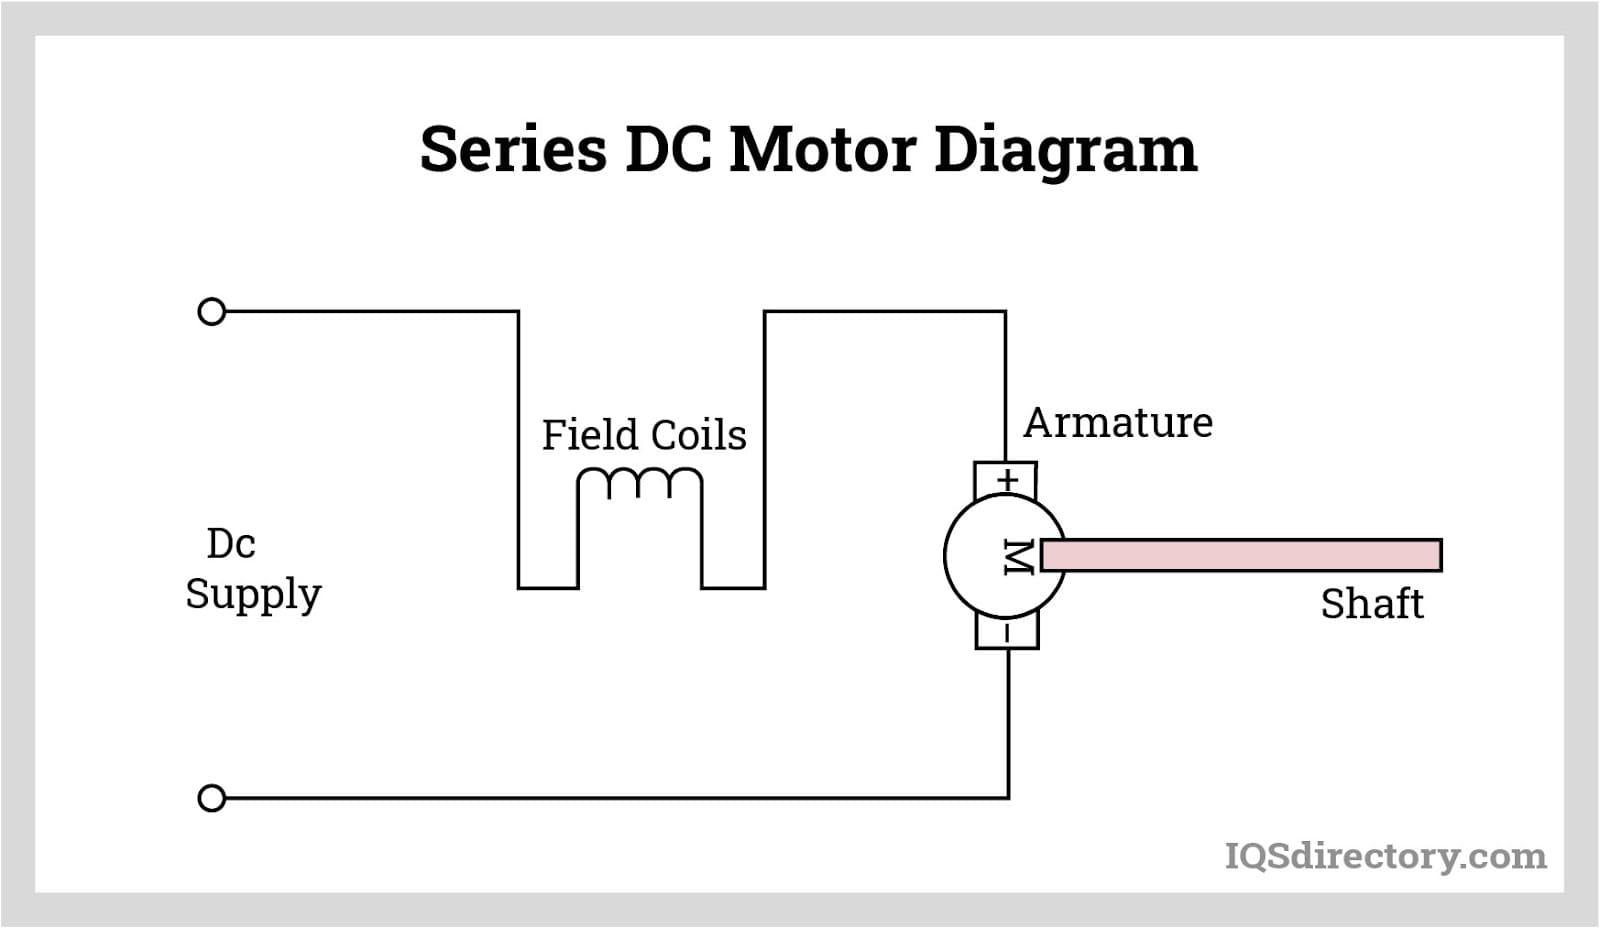 Series DC Motor Diagram